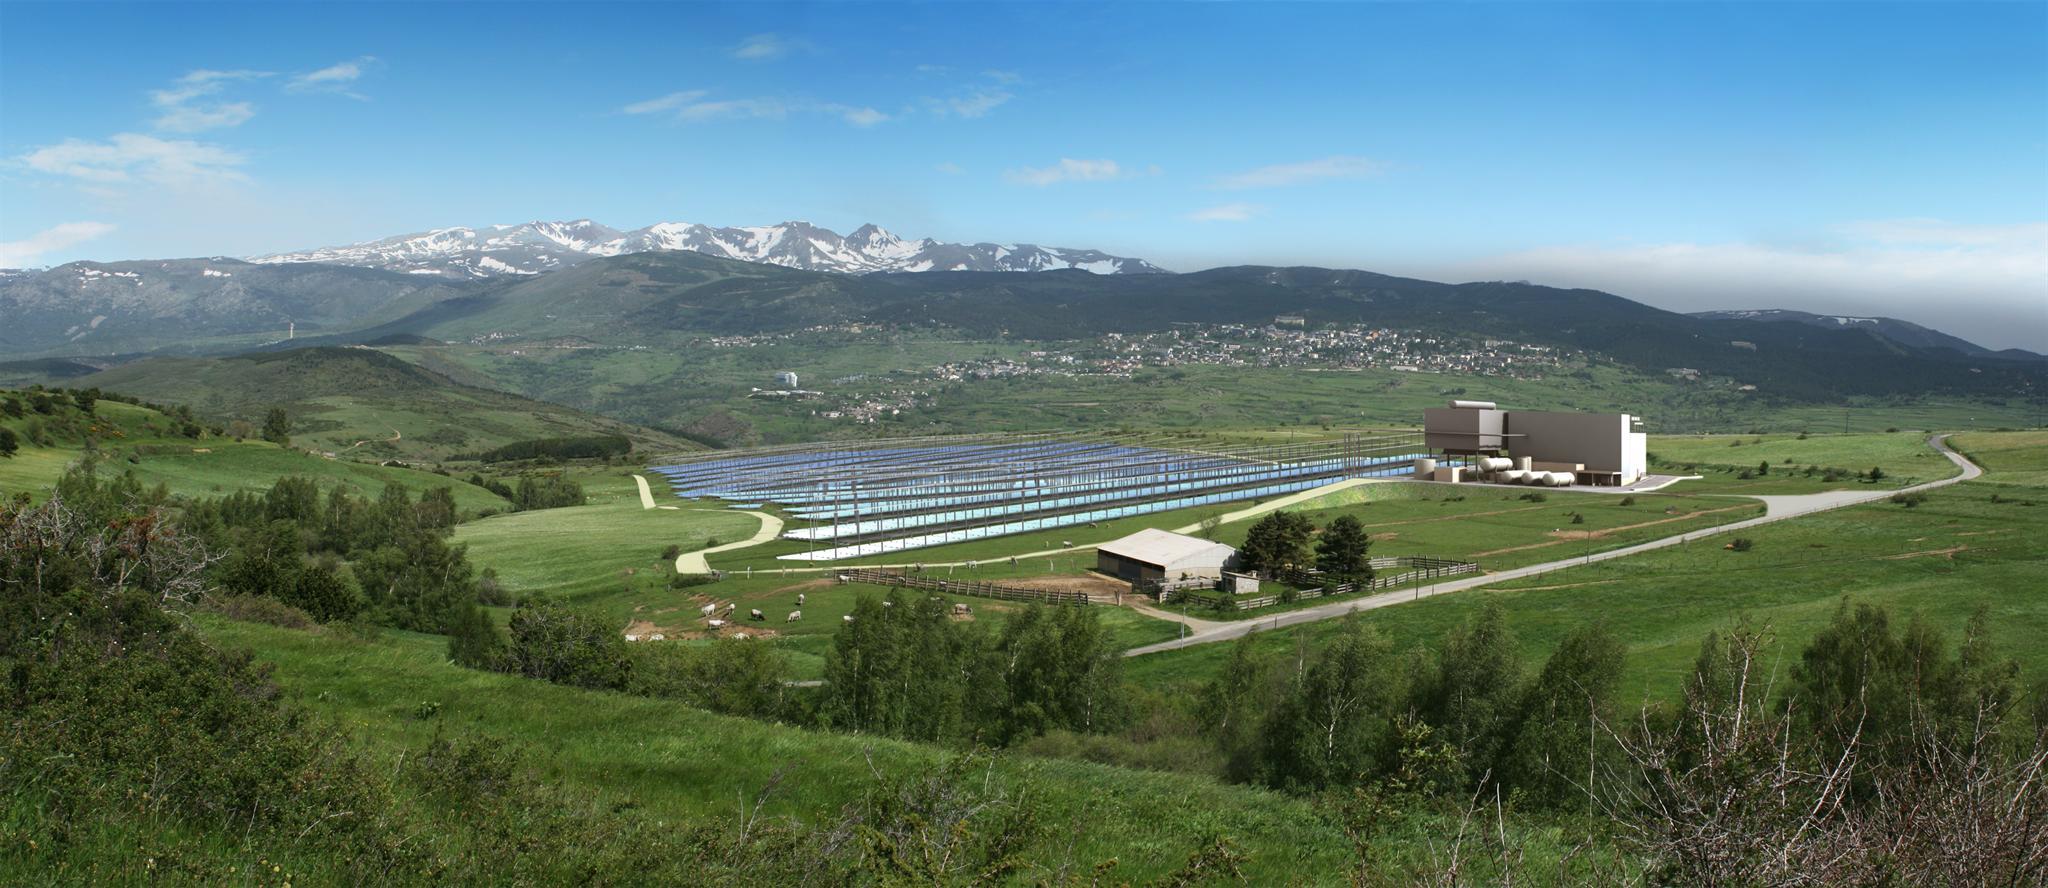 Vue d'artiste de la centrale solaire de Llo dans les Pyrénées (Crédit : CNIM)